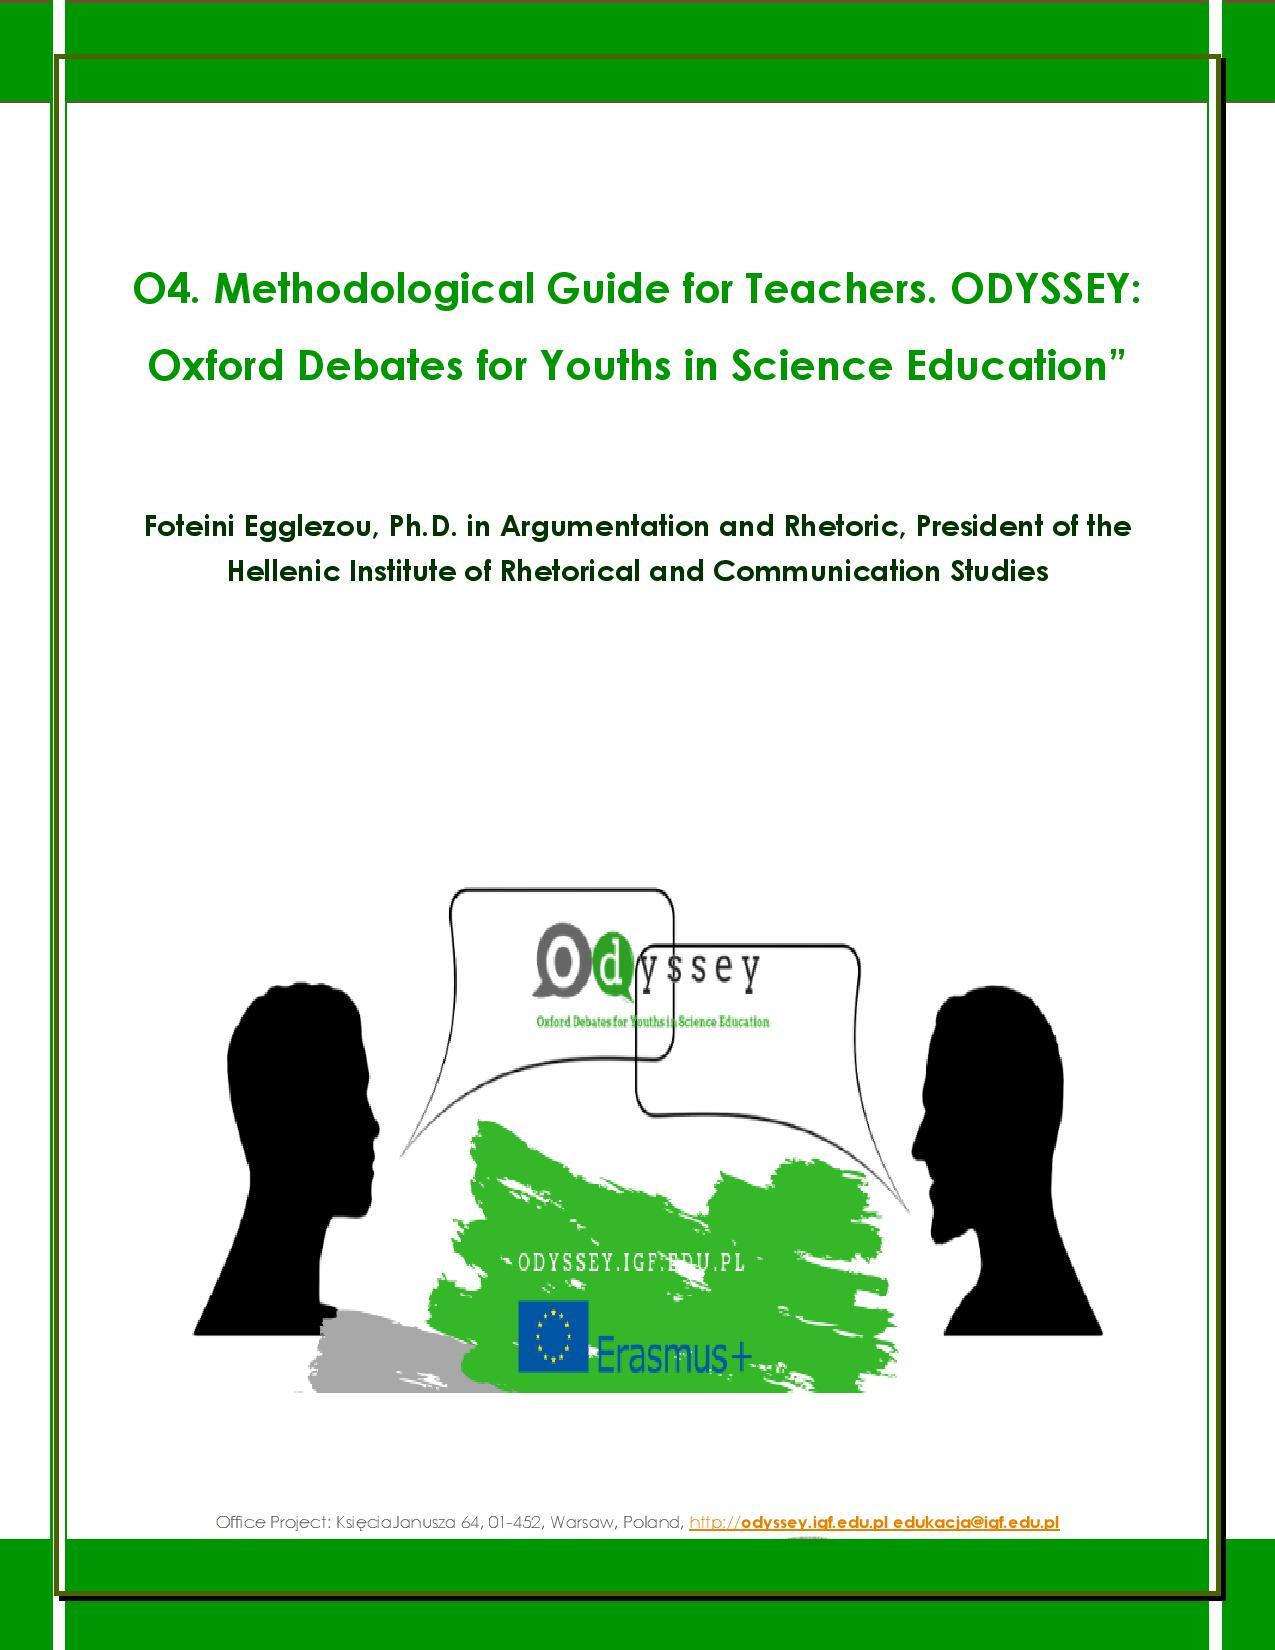 Μεθοδολογικός Οδηγός Ο4 «Οxford Debates για Νέους στη Διδακτική των Φυσικών Επιστημών» (στα Αγγλικά)